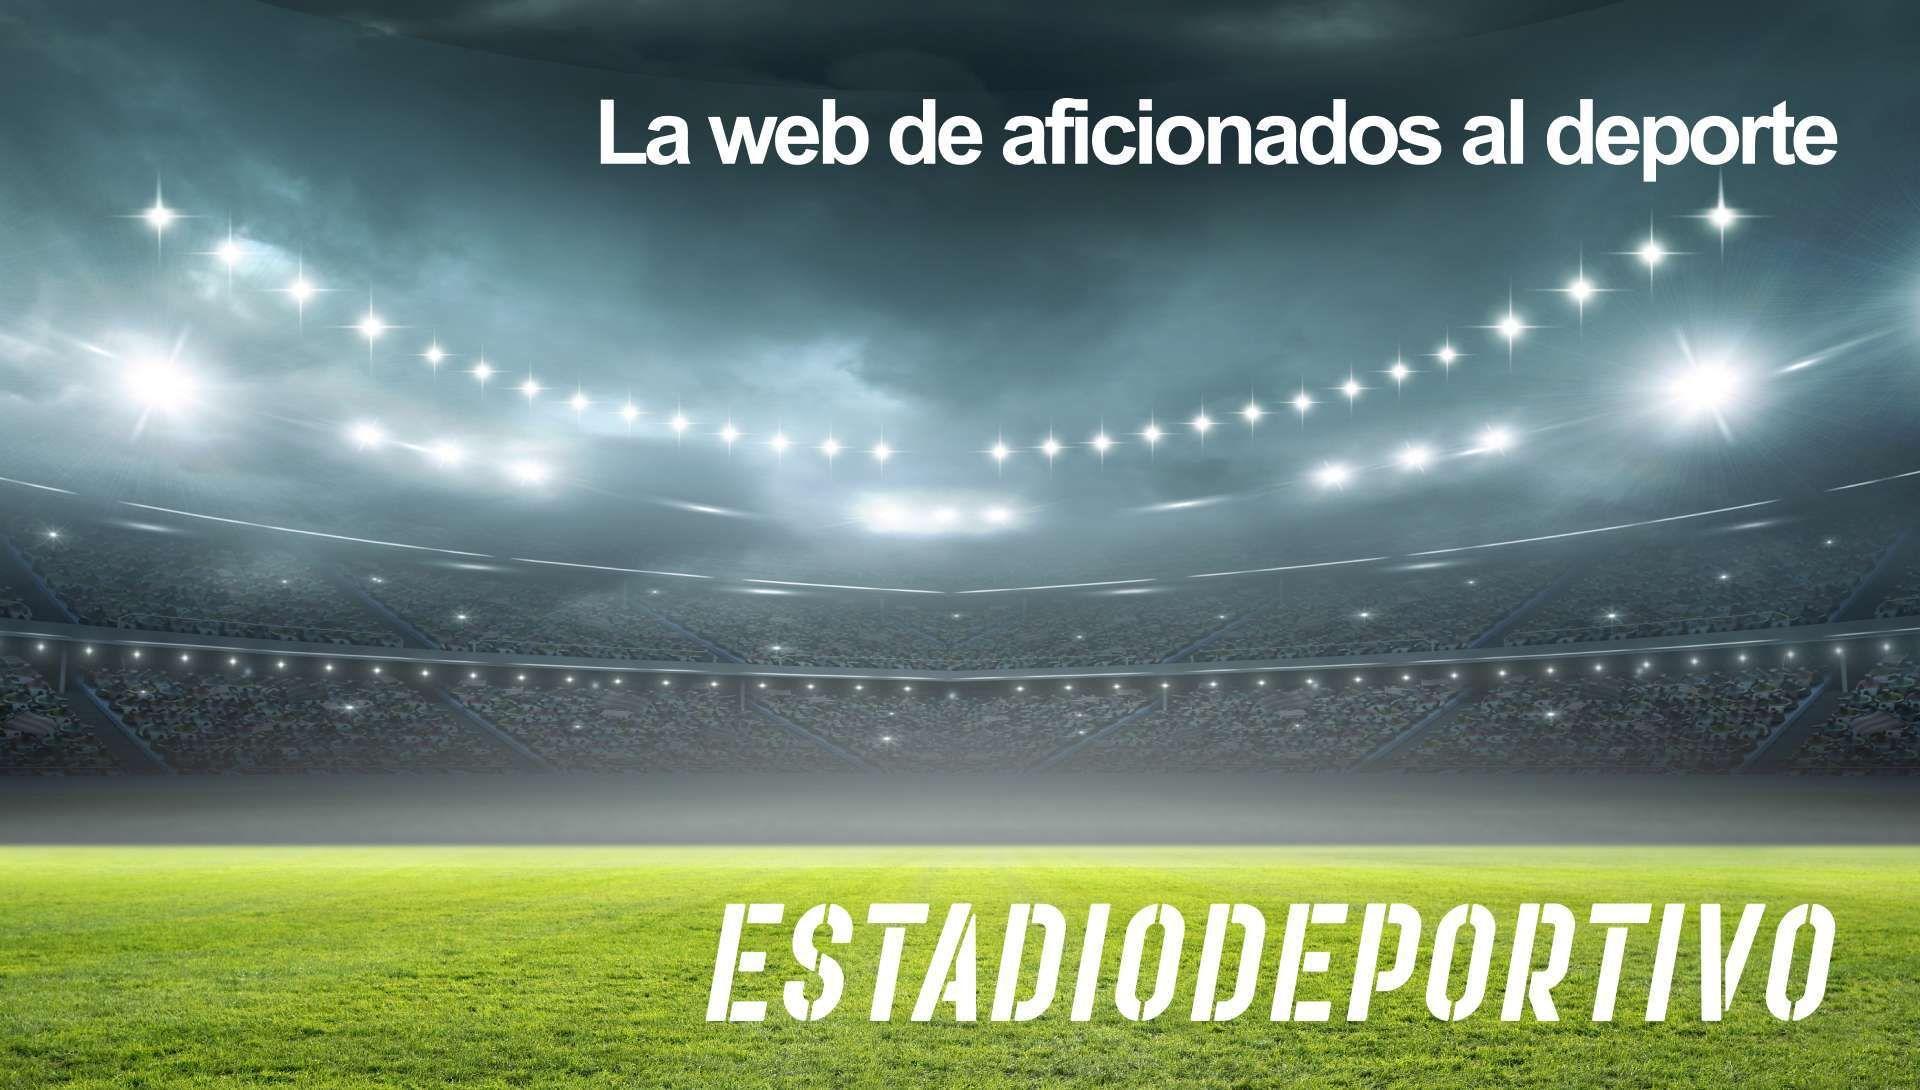 Las portadas del domingo 4 de abril